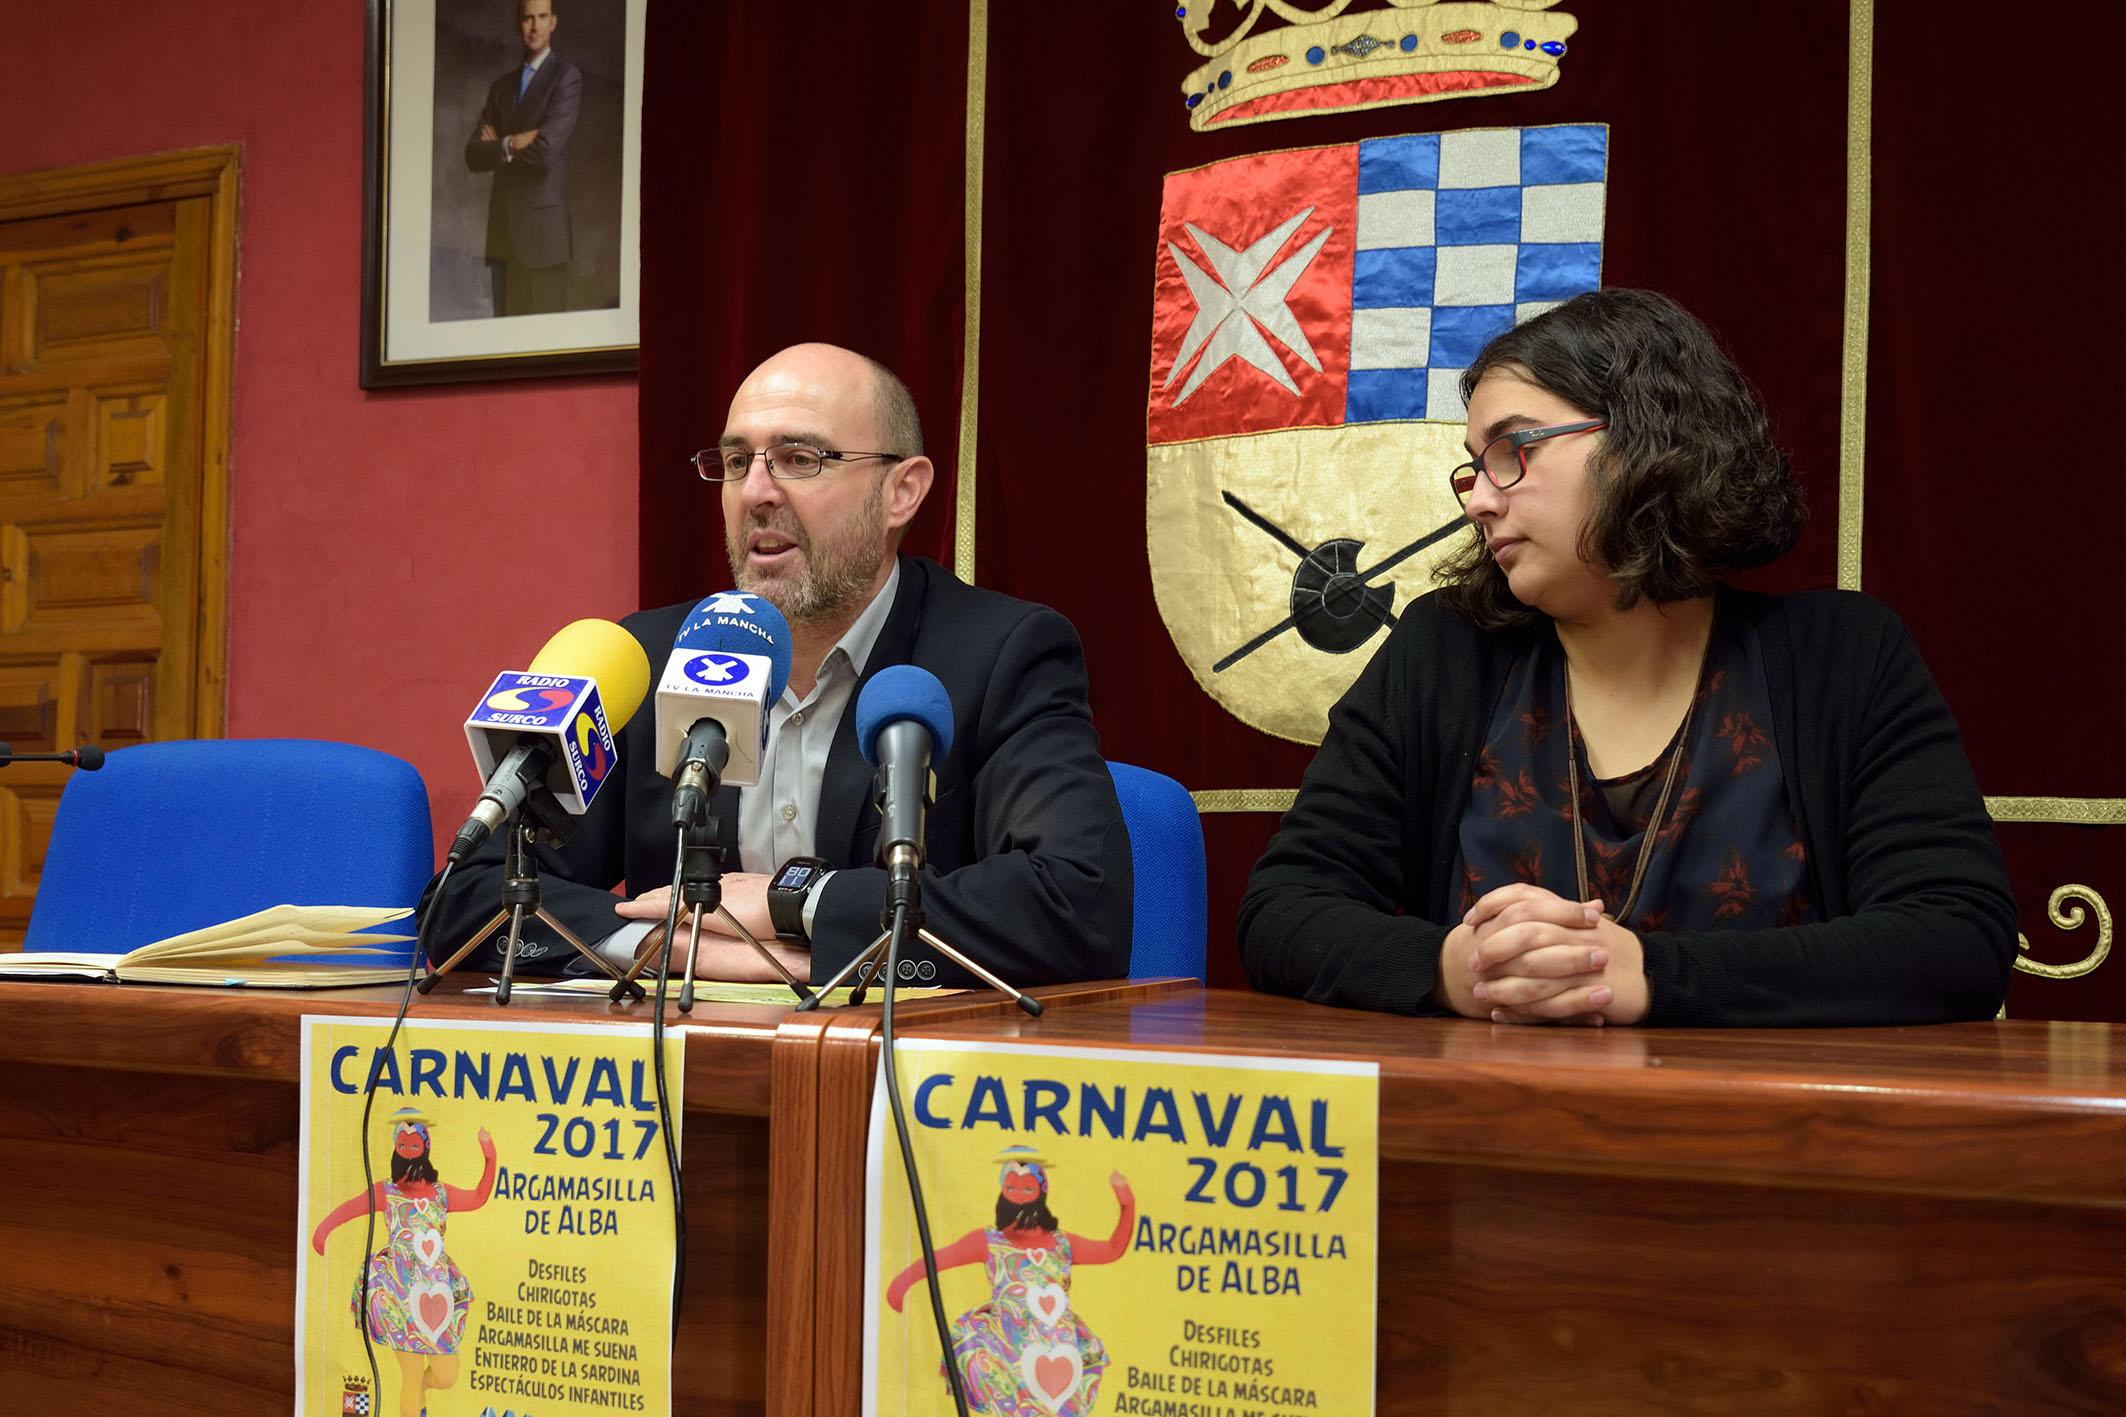 Todo preparado en Argamasilla de Alba para la celebración del Carnaval 2017